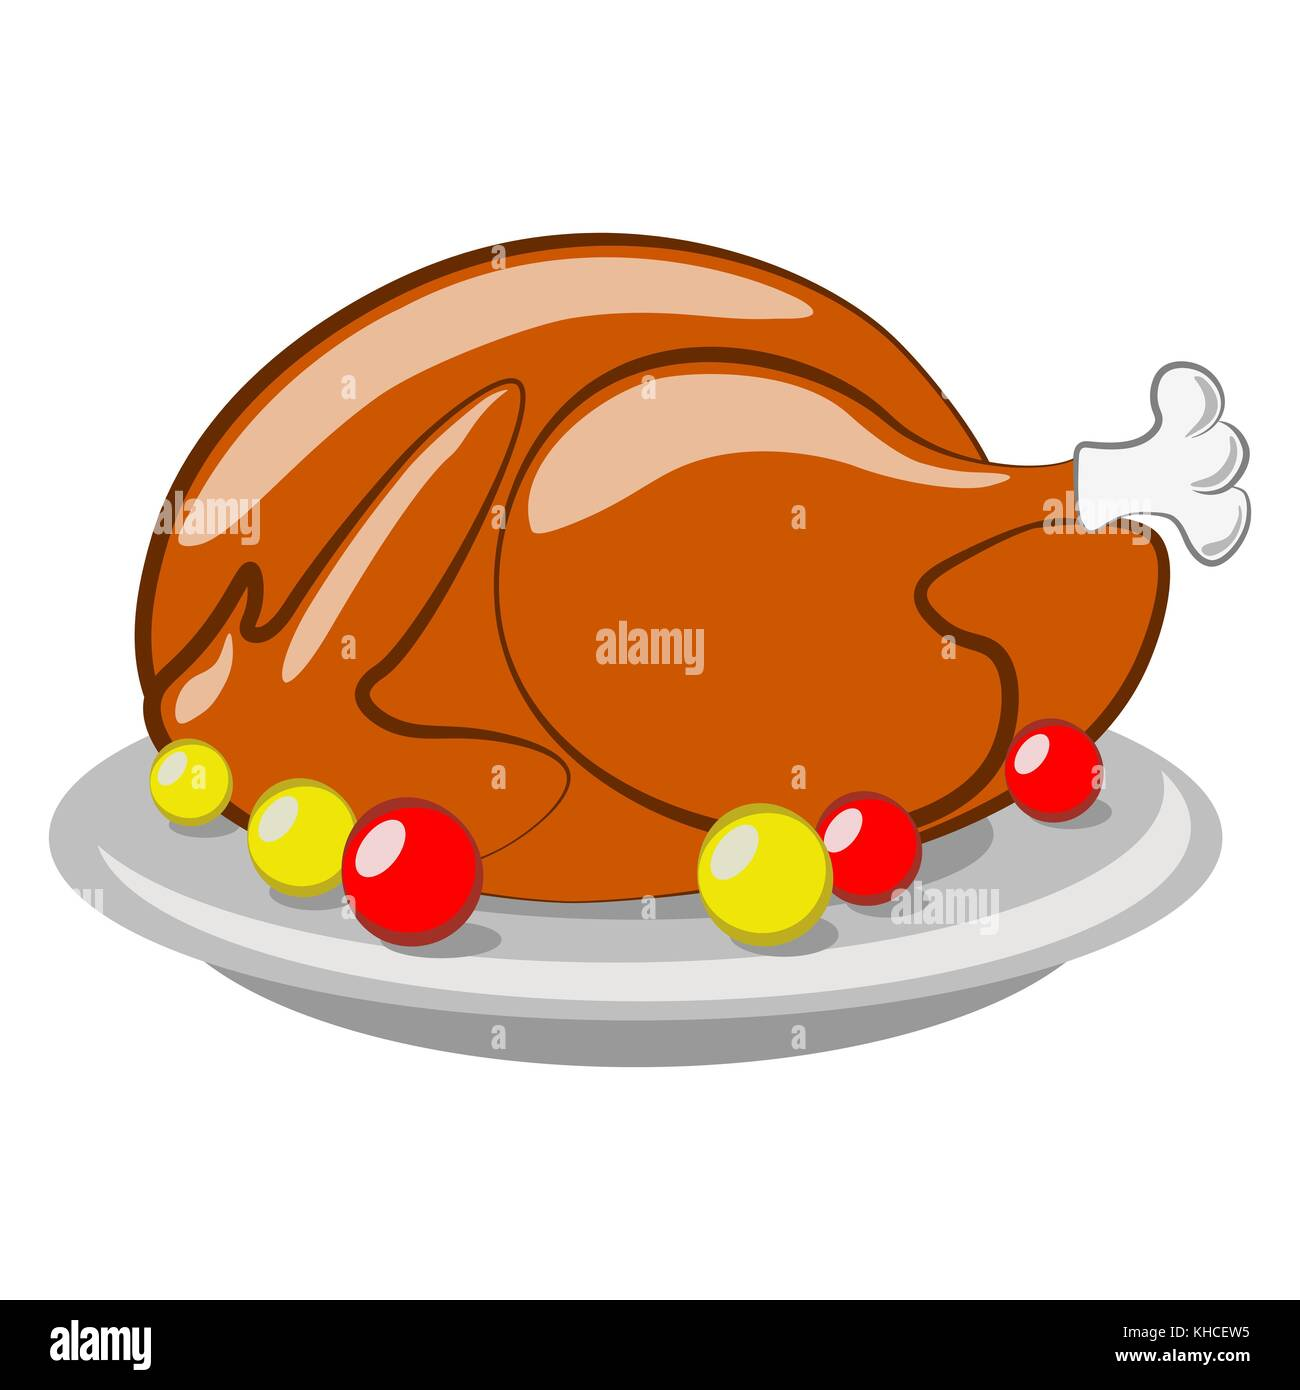 Groß Thanksgiving Türkei Farbe Seite Galerie - Malvorlagen-Ideen ...